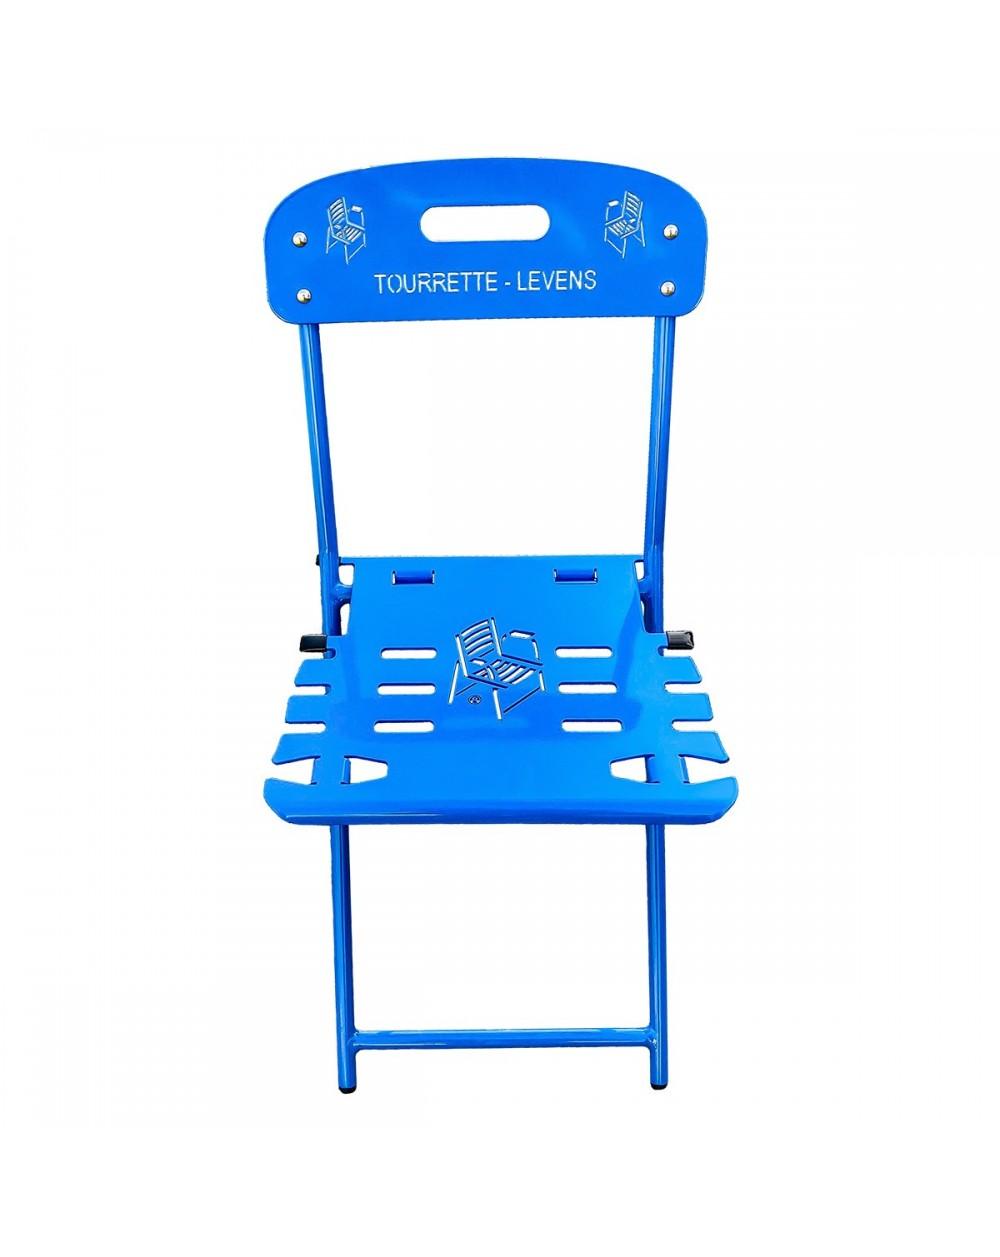 Chaise pliante. Chaise traditionnelle des jardins municipaux modernisée par La Chaise Bleue Collection